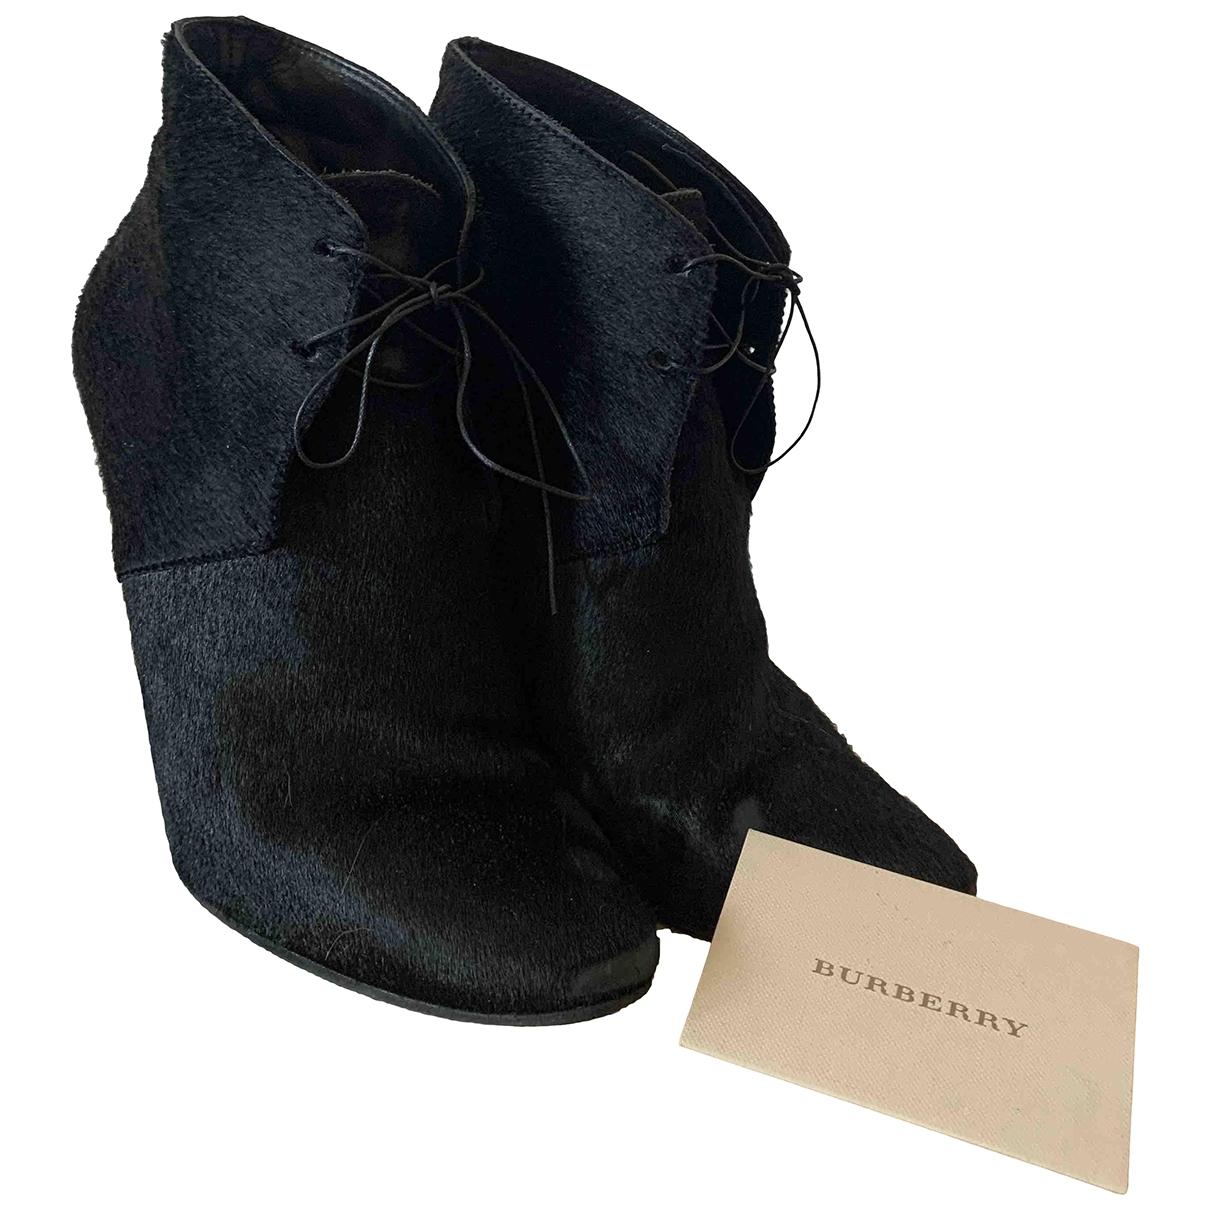 Burberry - Boots   pour femme en fourrure - noir